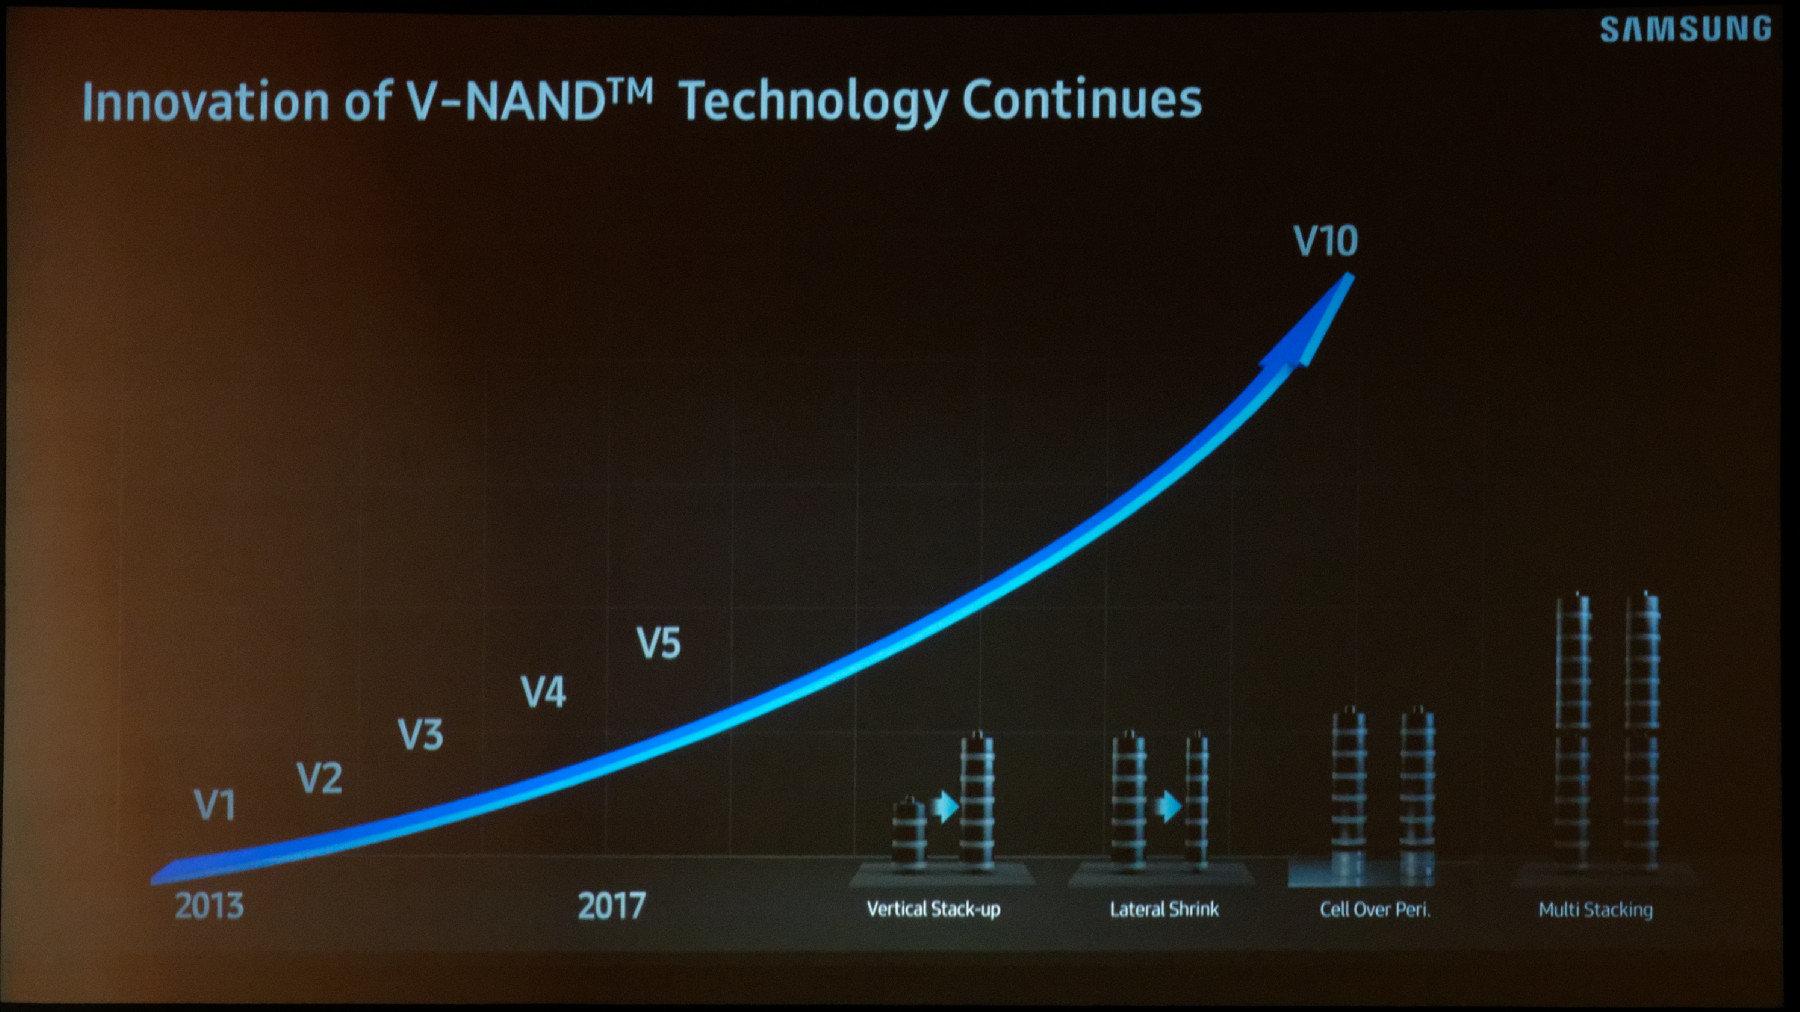 V-NAND-Roadmap